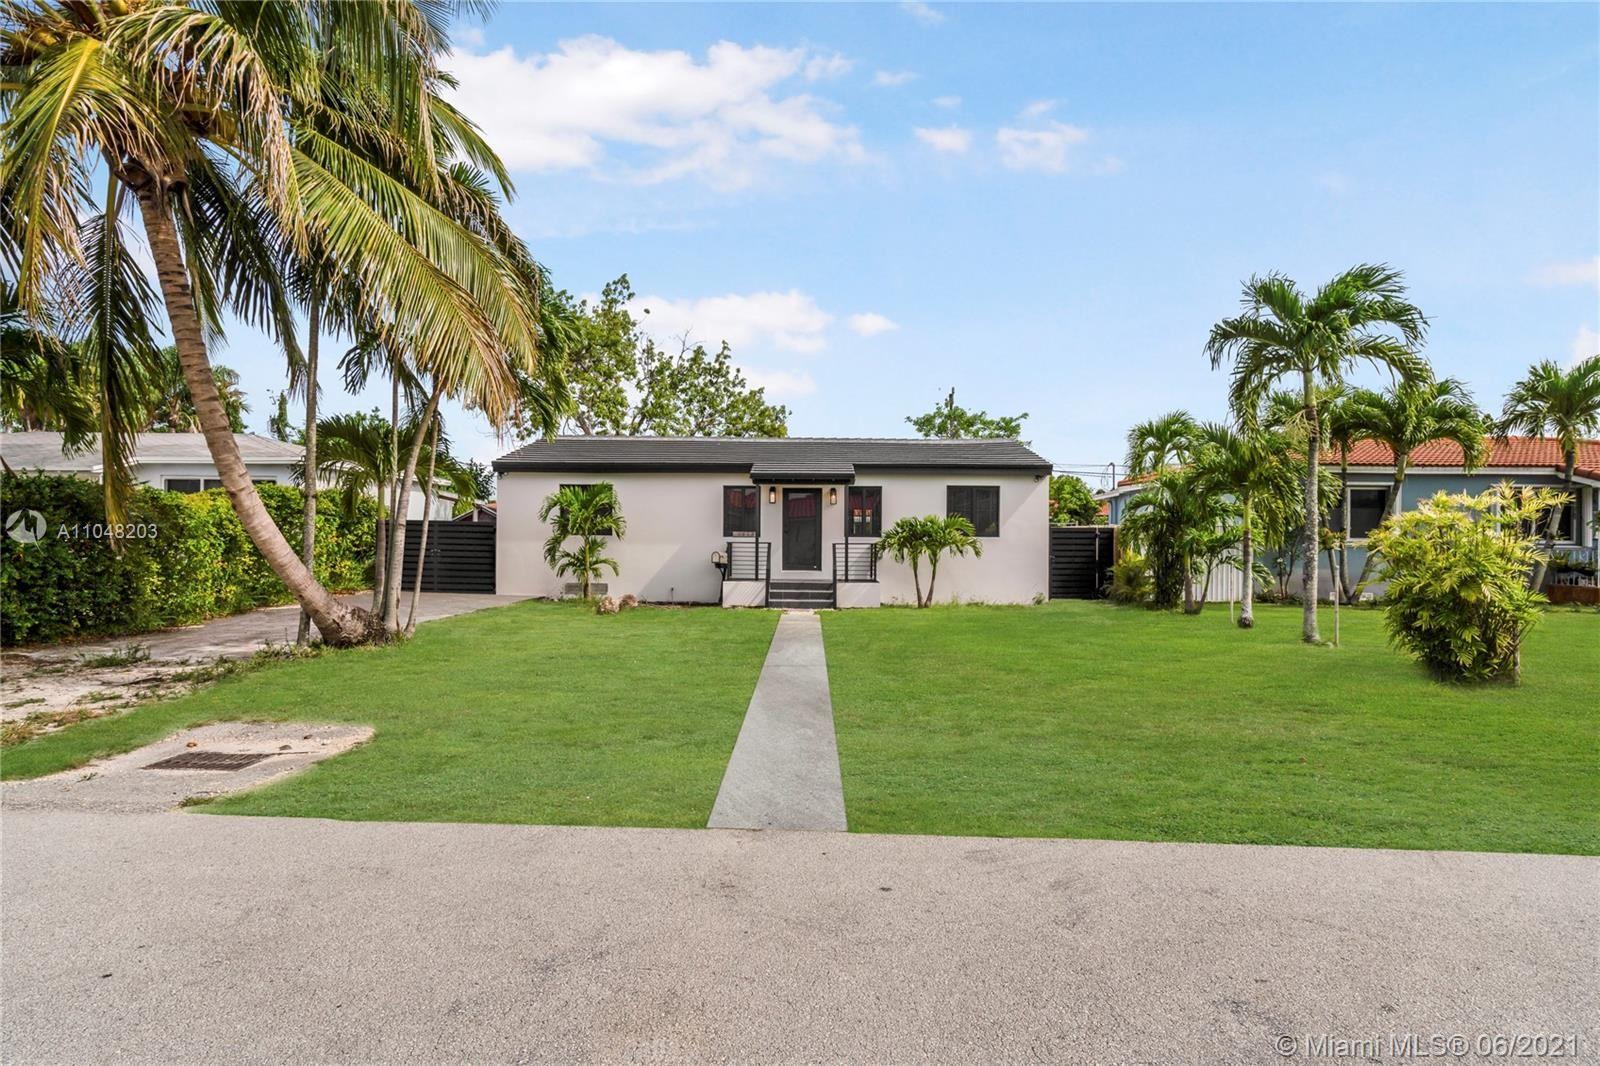 6840 SW 27th St, Miami, FL 33155 - #: A11048203